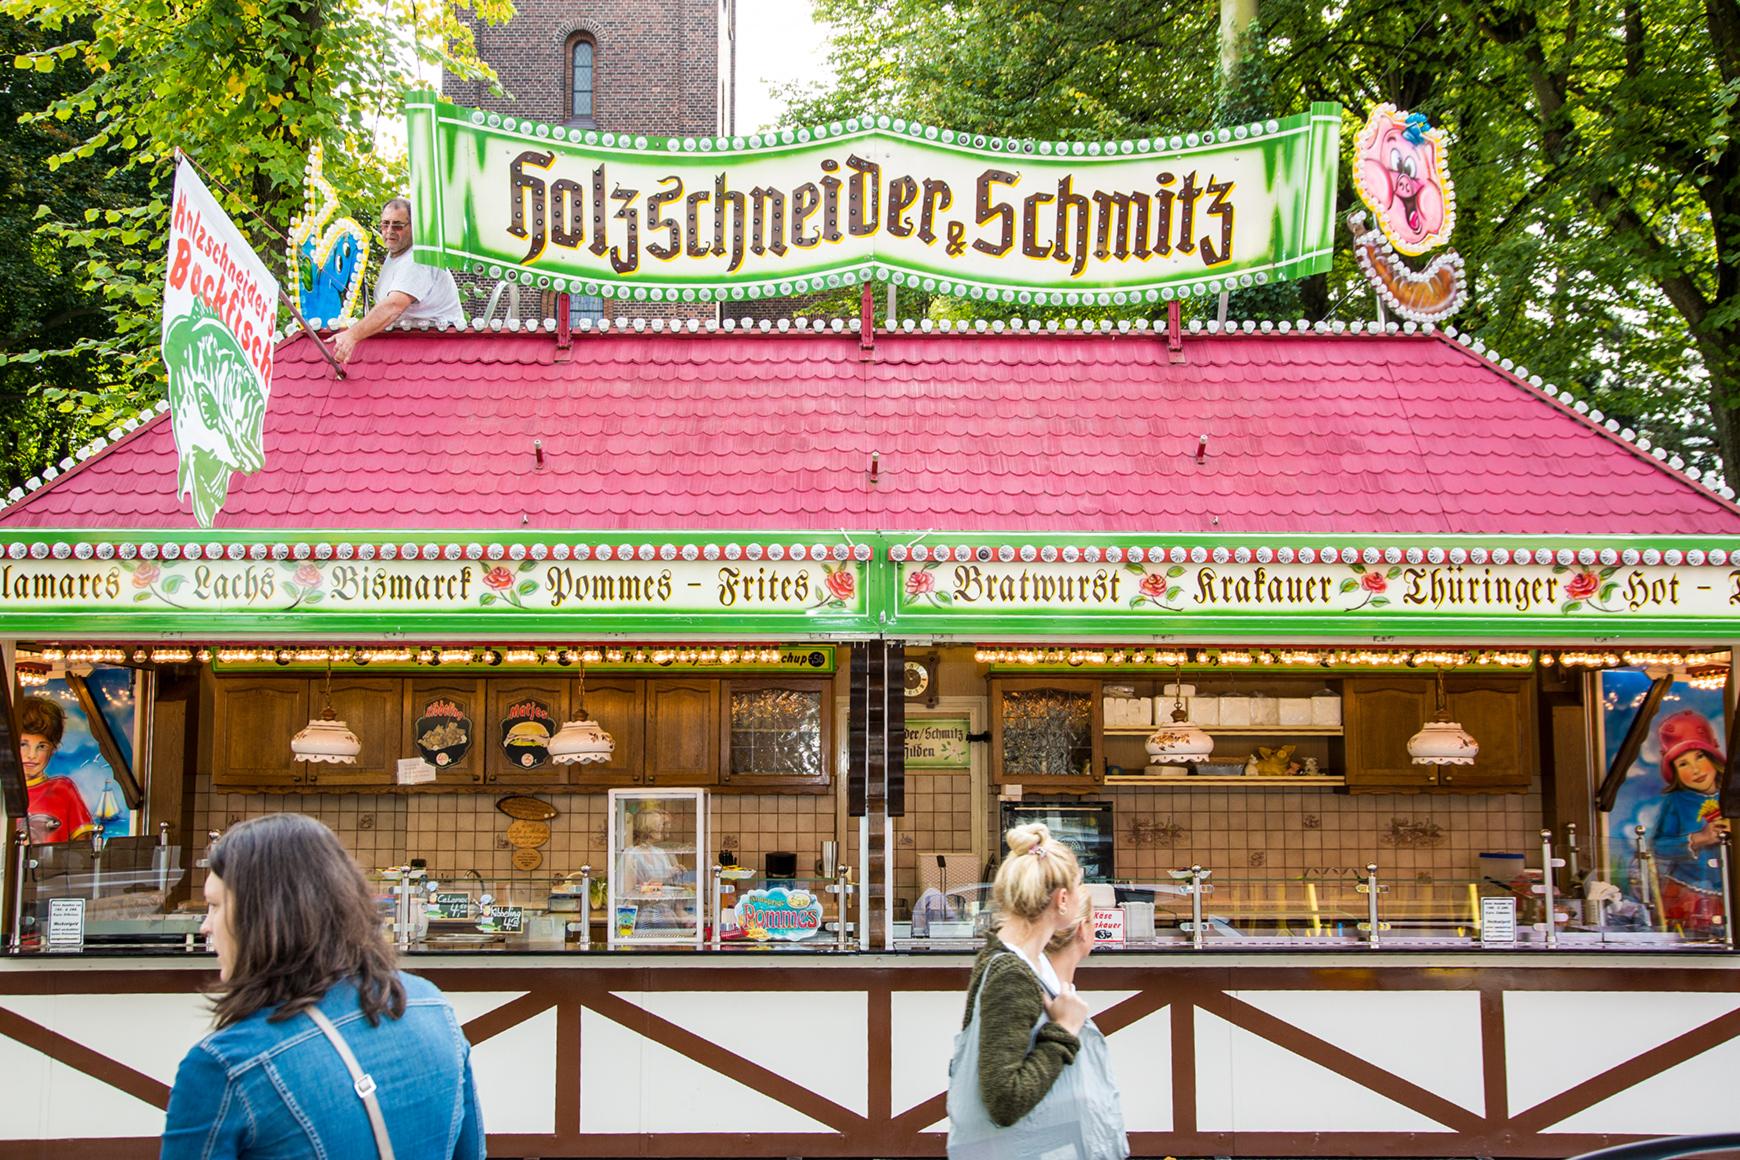 Holzschneider & Schmitz